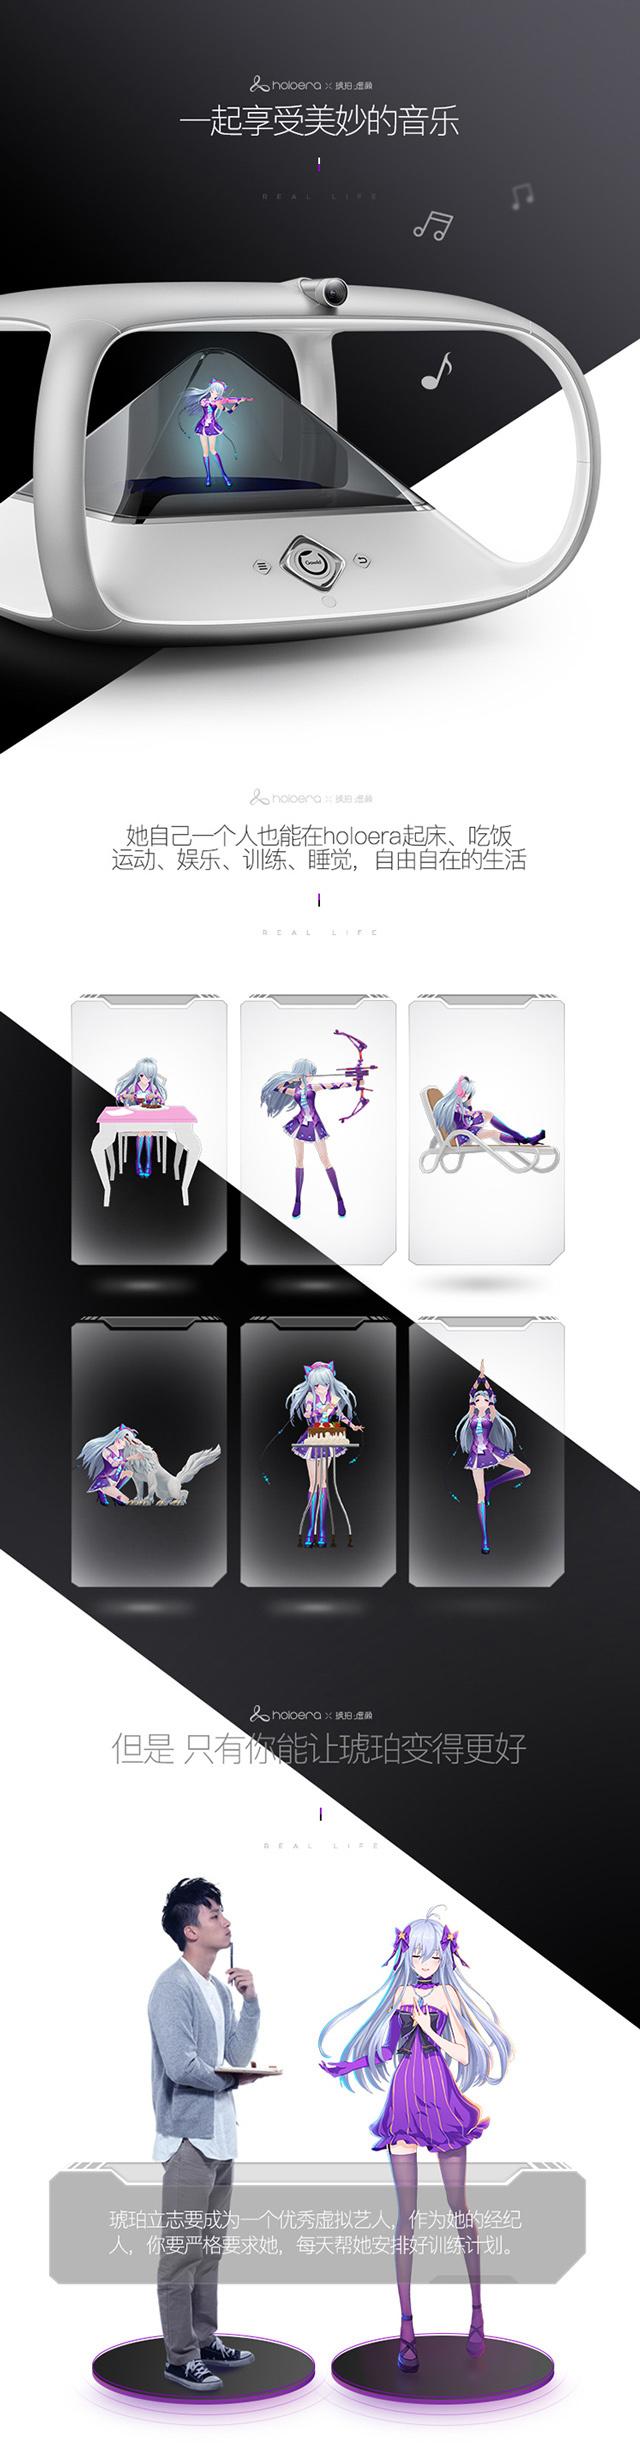 狗尾草(Gowild.cn)holoera×琥珀虚颜机器人